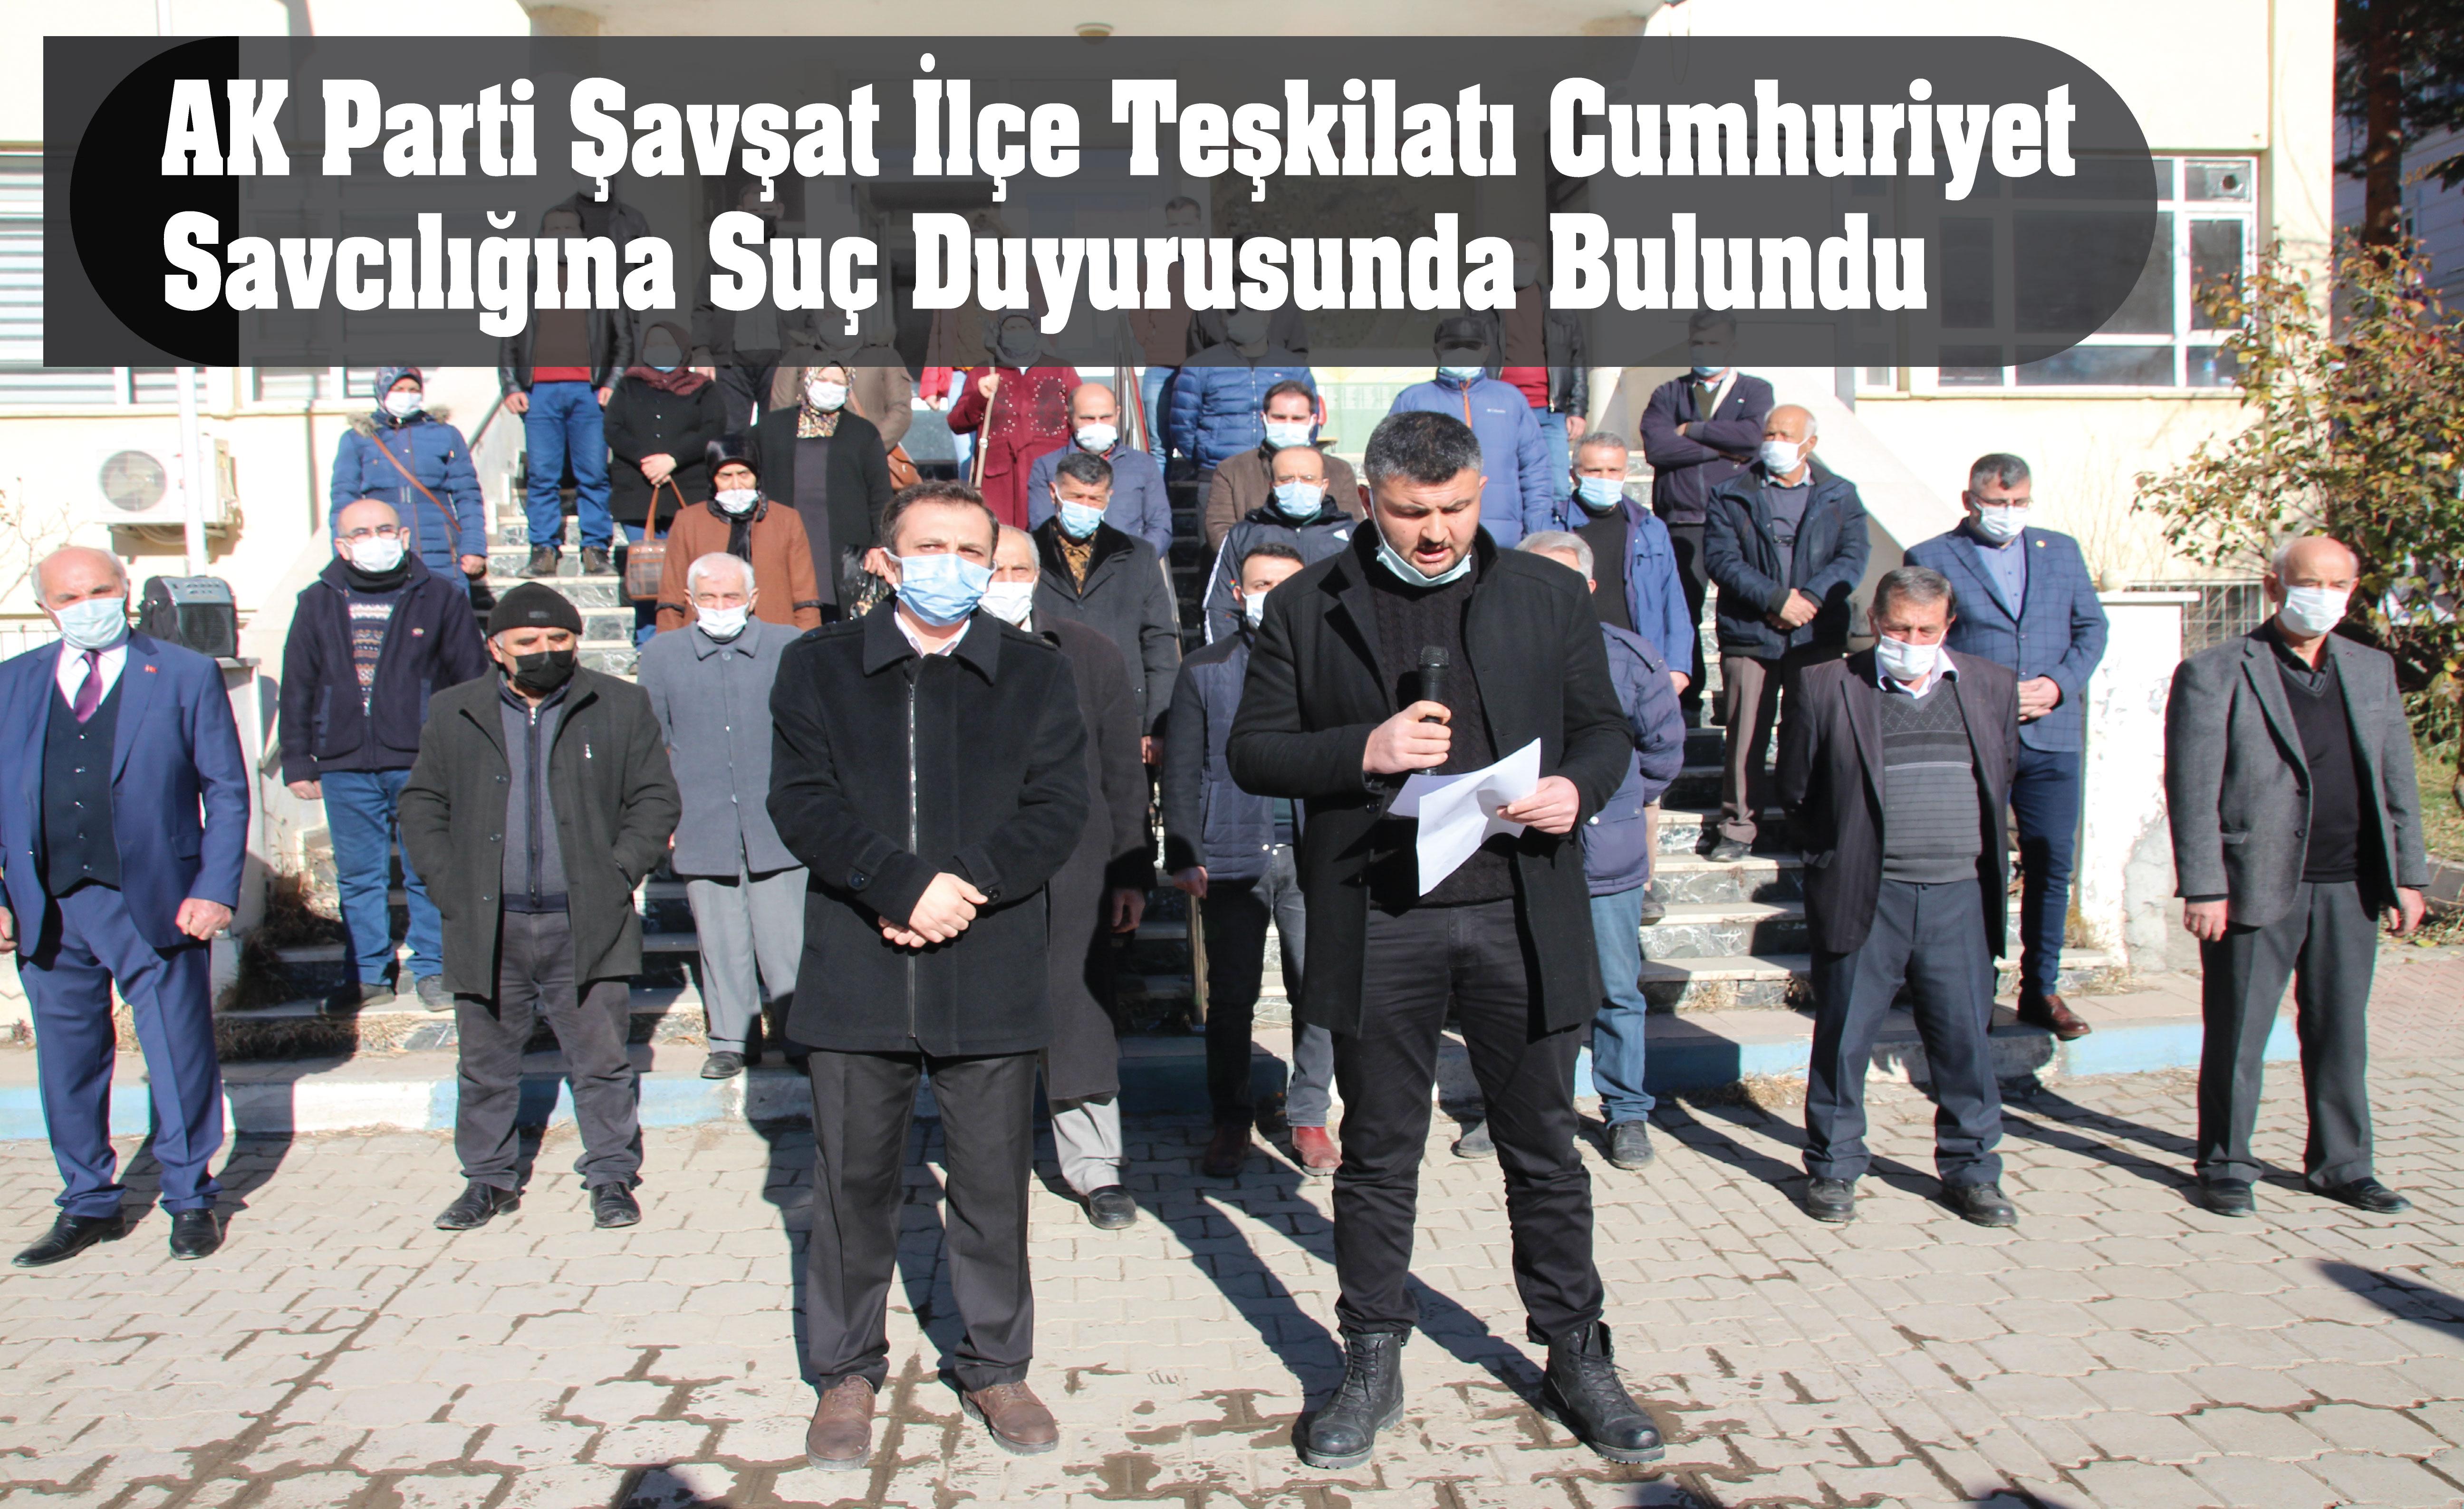 AK Parti Şavşat İlçe Teşkilatı Cumhuriyet Savcılığına Suç Duyurusunda Bulundu